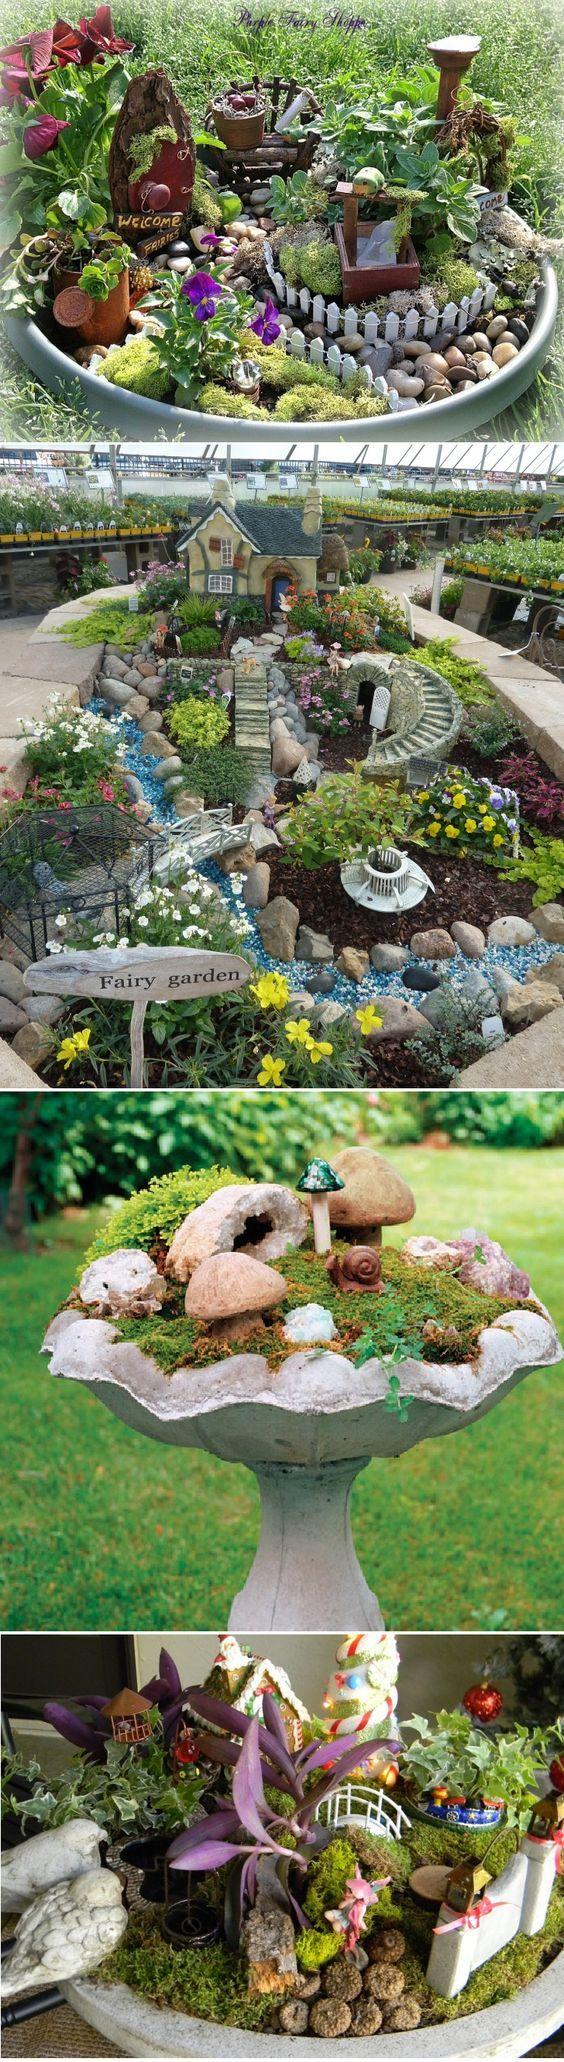 ¿Cómo describiría su jardín sueño? Lleno de mariposas? Rodeada con muchas flores? O ¿qué aspecto de su jardín de hadas !? Suena soñadora e irreal, pero muc